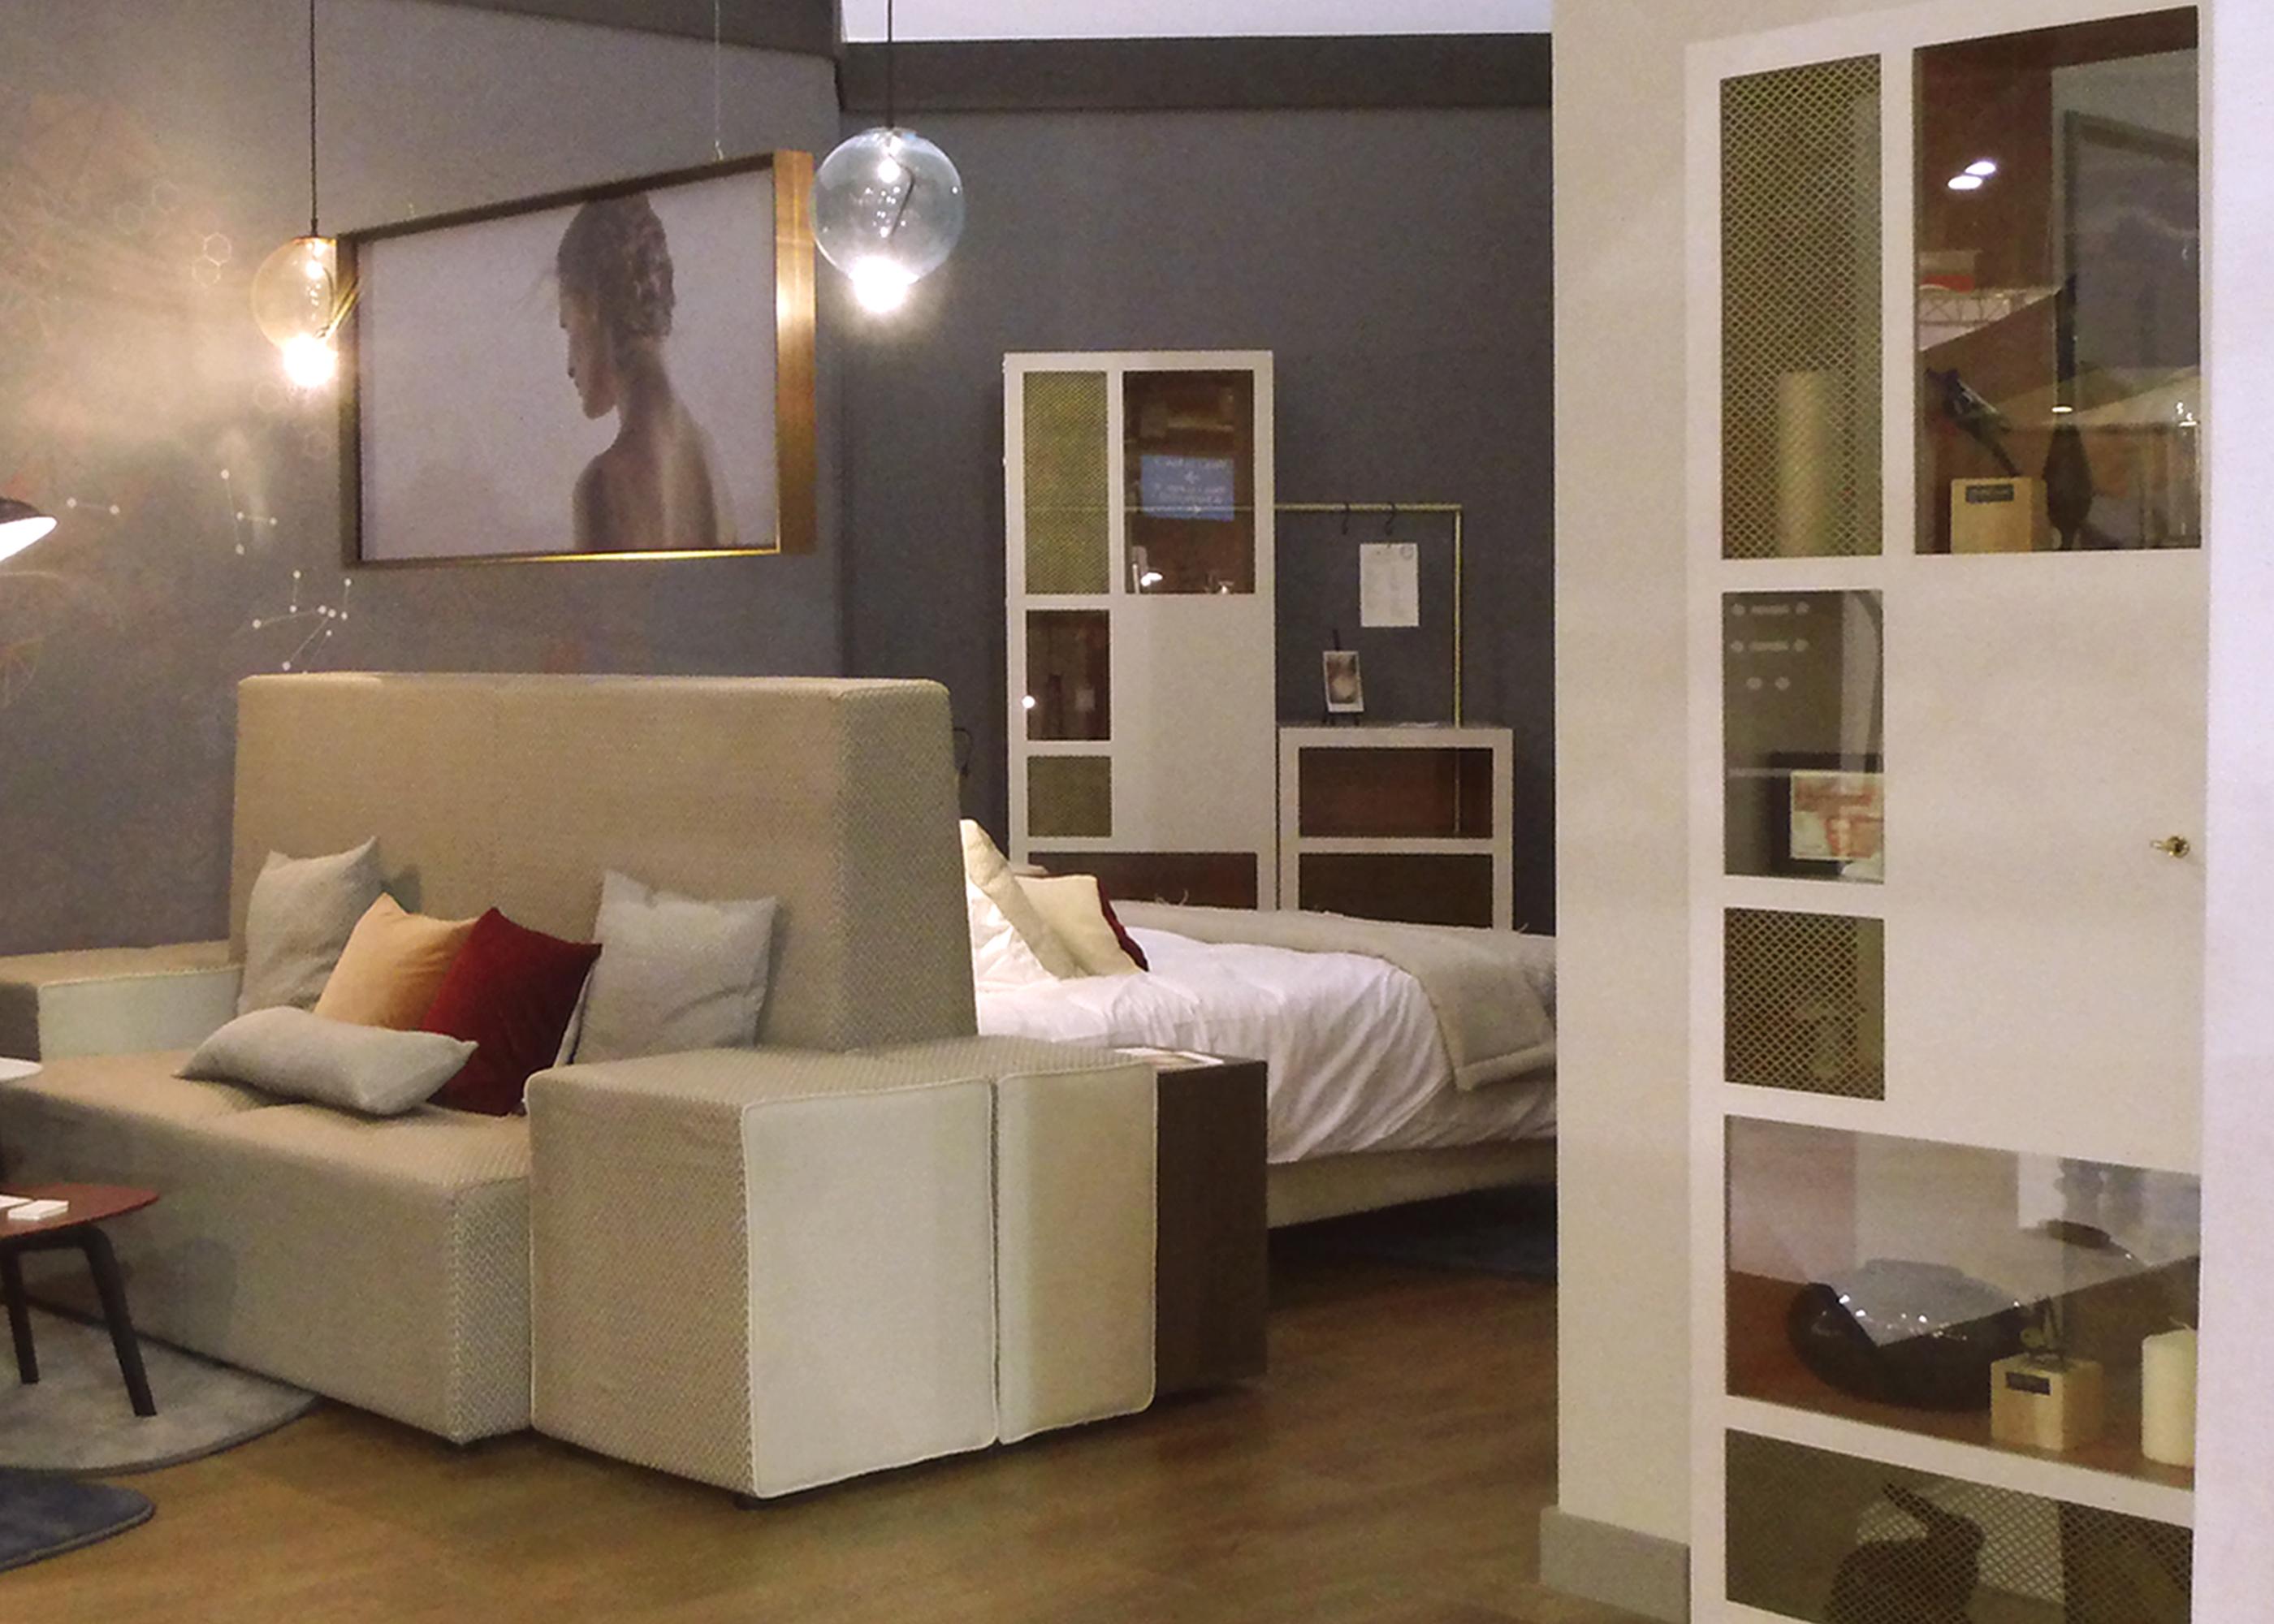 mobilier modulable la table manger modulable pour gagner de la place with mobilier modulable. Black Bedroom Furniture Sets. Home Design Ideas